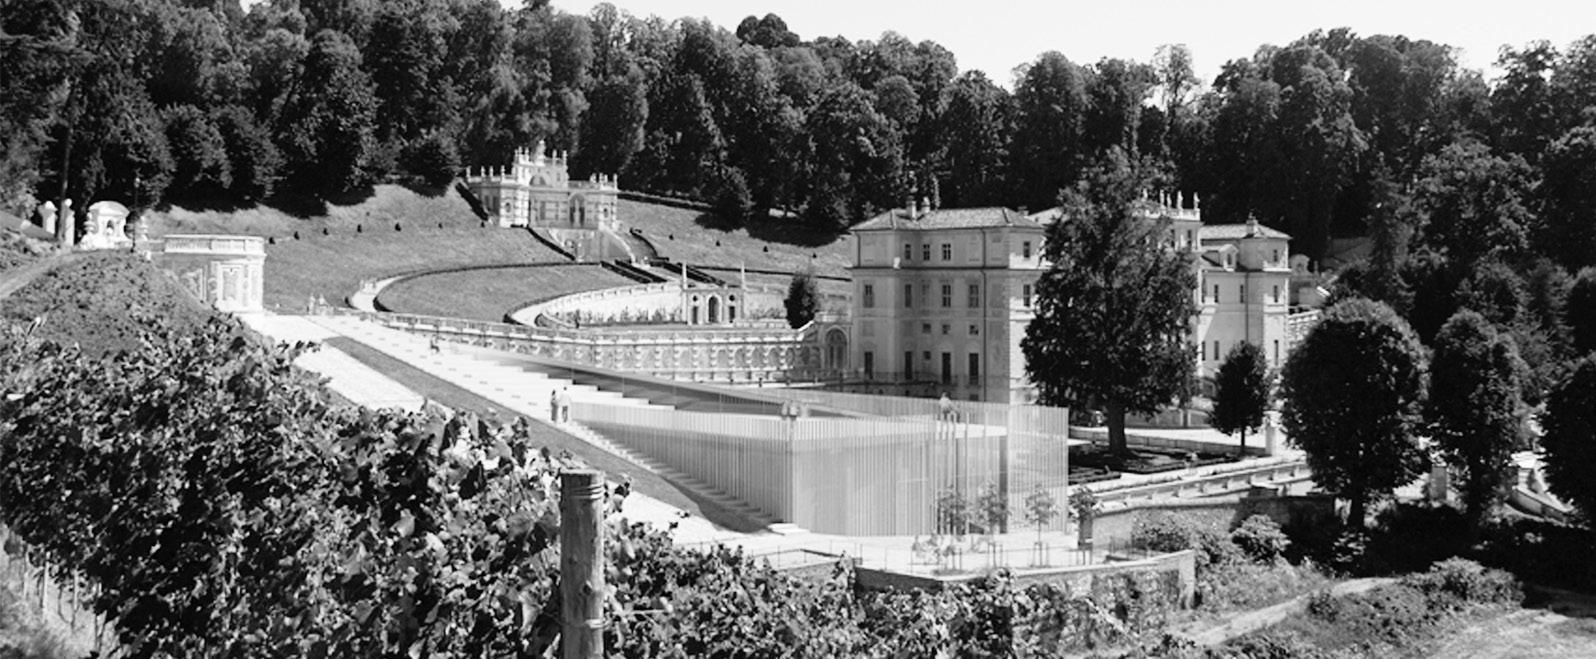 Creazioni di dislivello artificiale (render manica accoglienza Villa della Regina, Concorso)